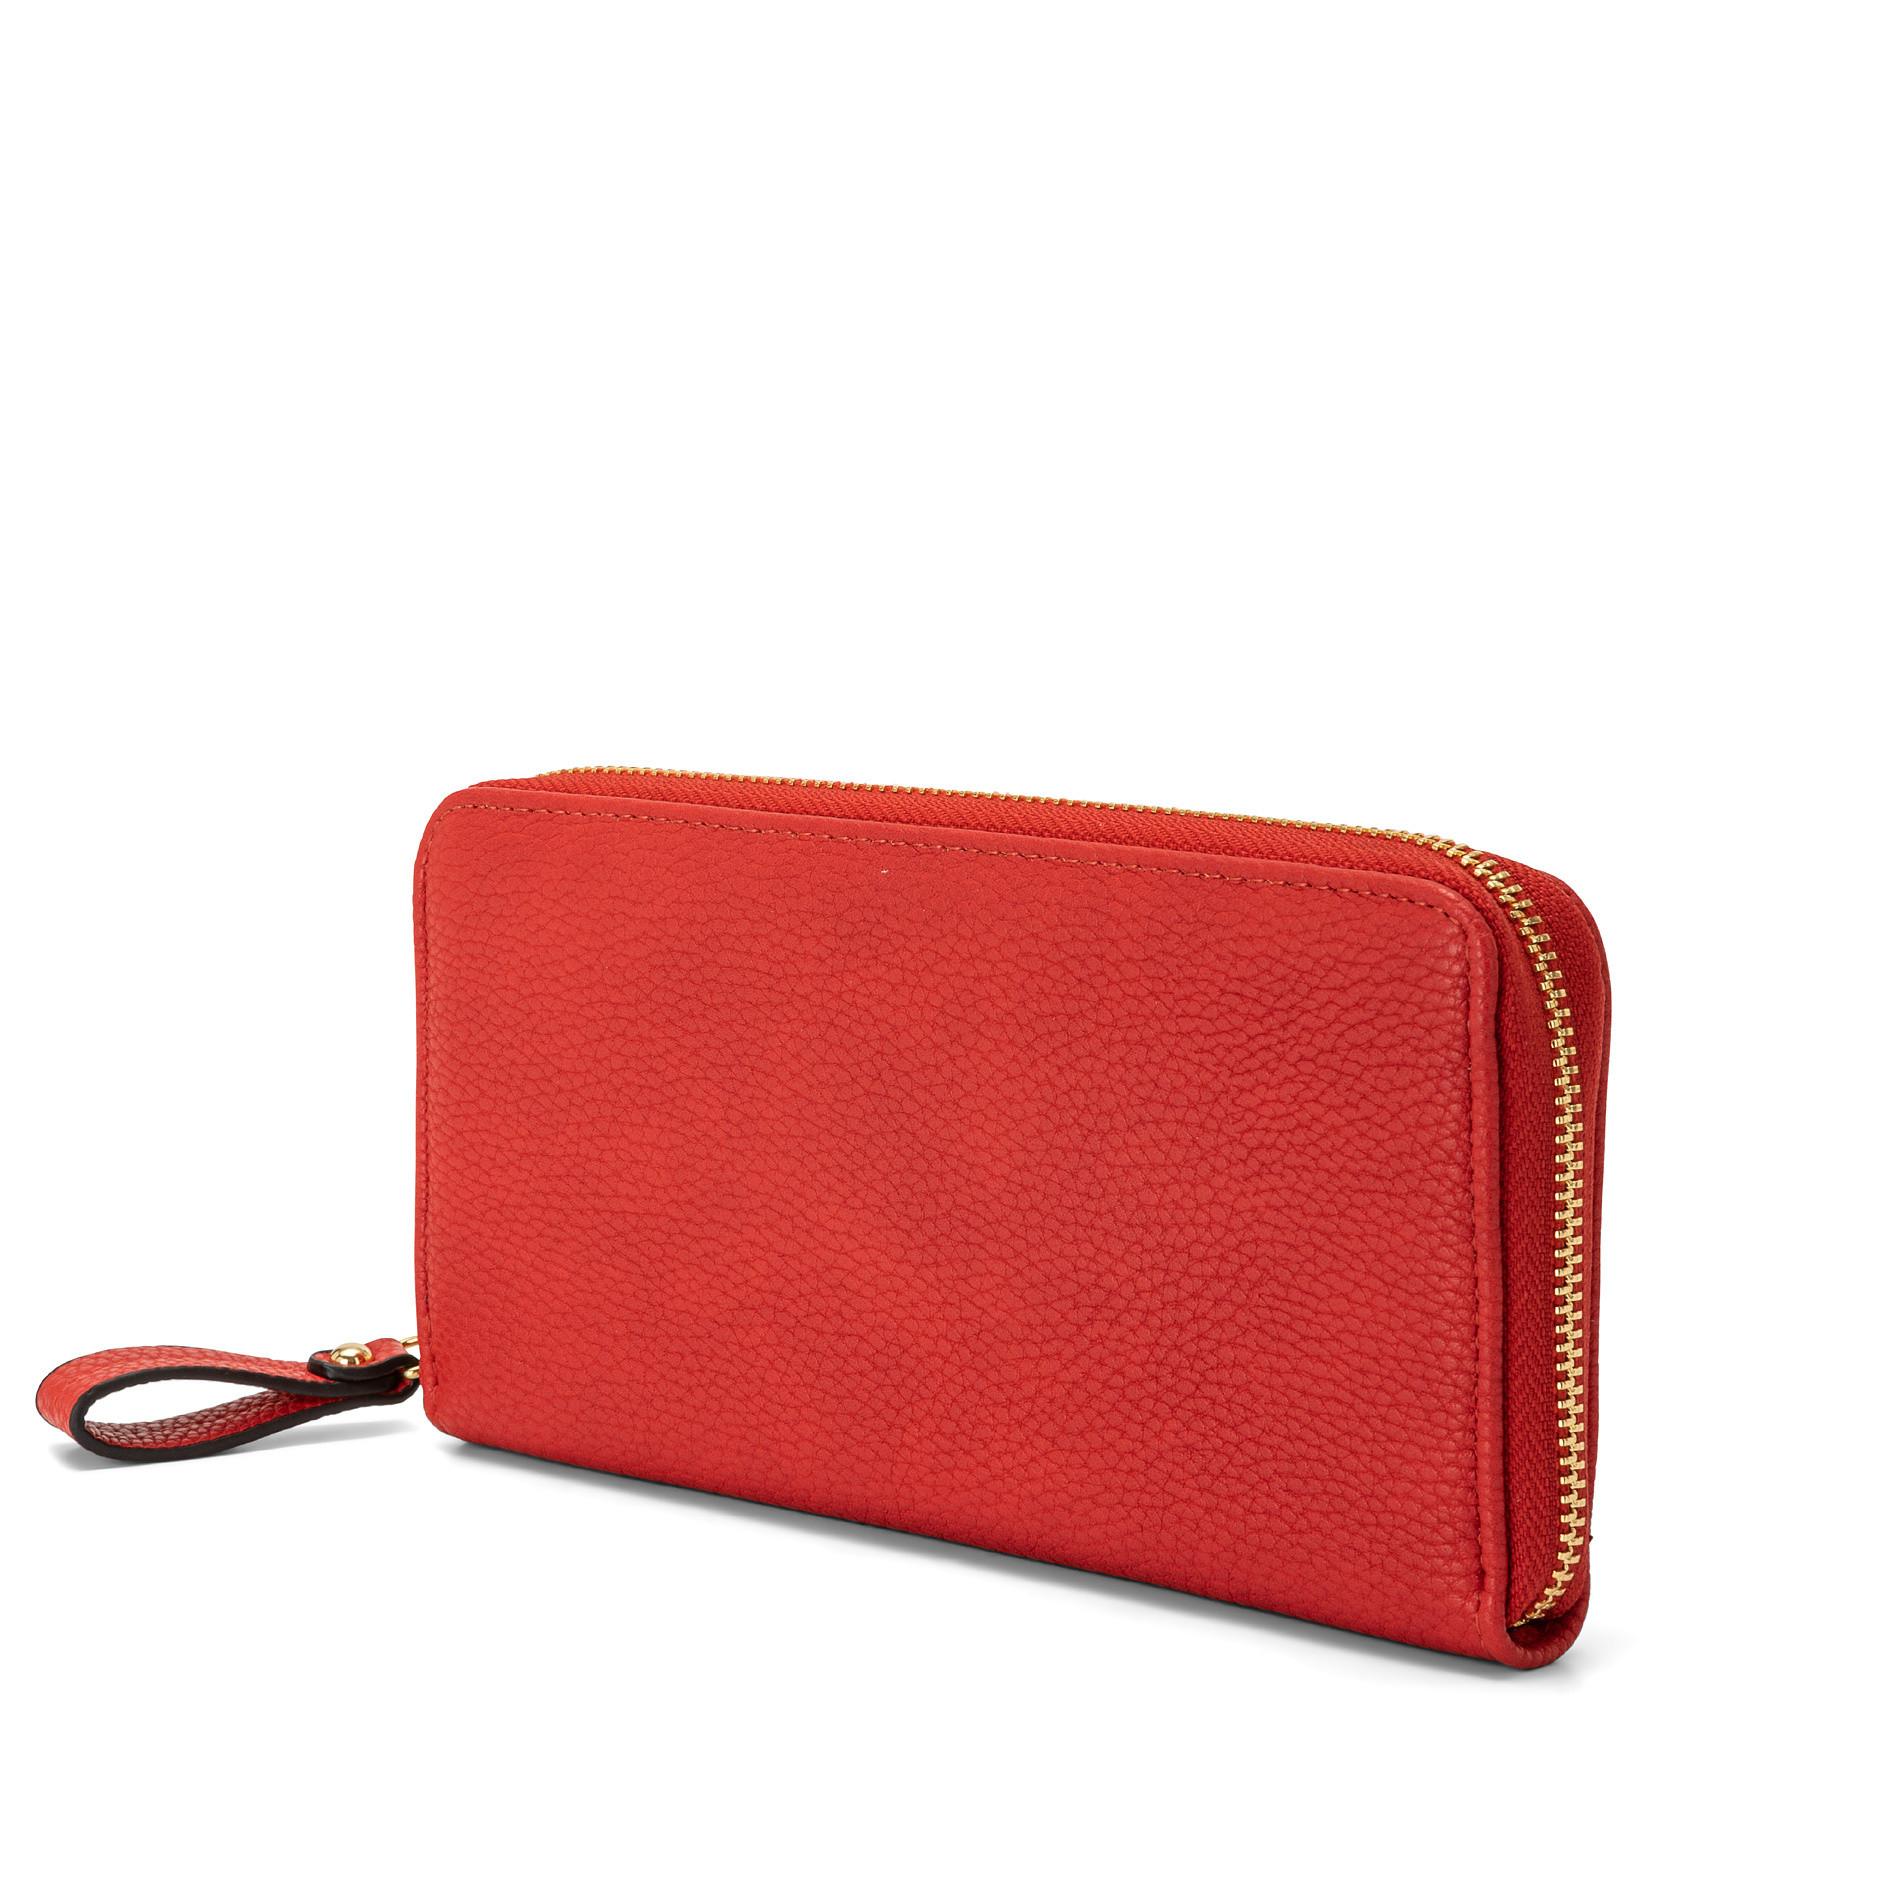 Portafoglio effetto granato Koan, Rosso, large image number 0